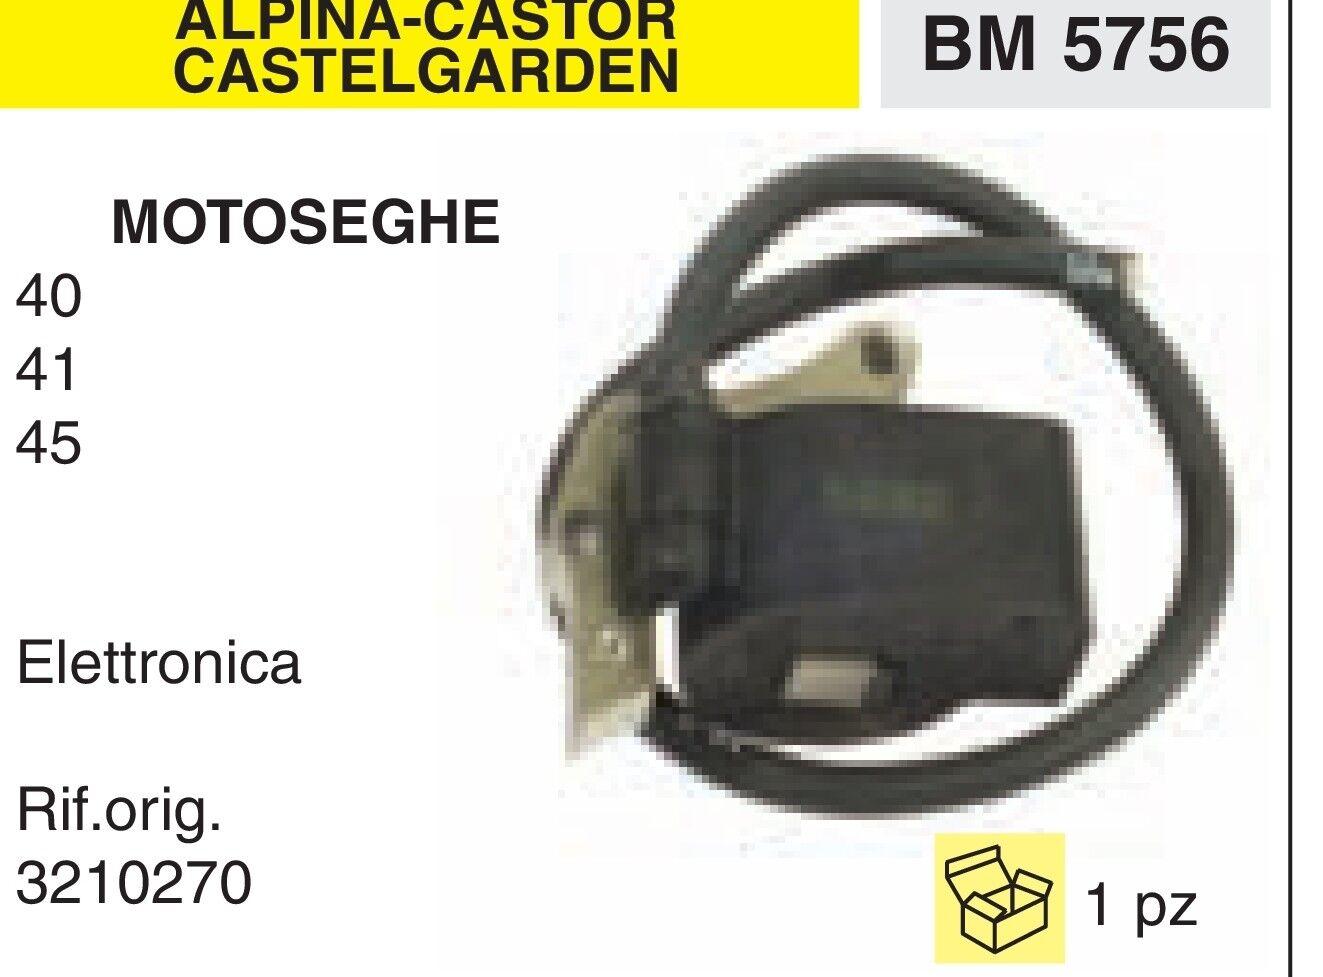 consegna e reso gratuiti 3210270 BOBINA ELETTRONICA MOTOSEGA ALPINA CASTOR A A A 40 41 45  qualità ufficiale